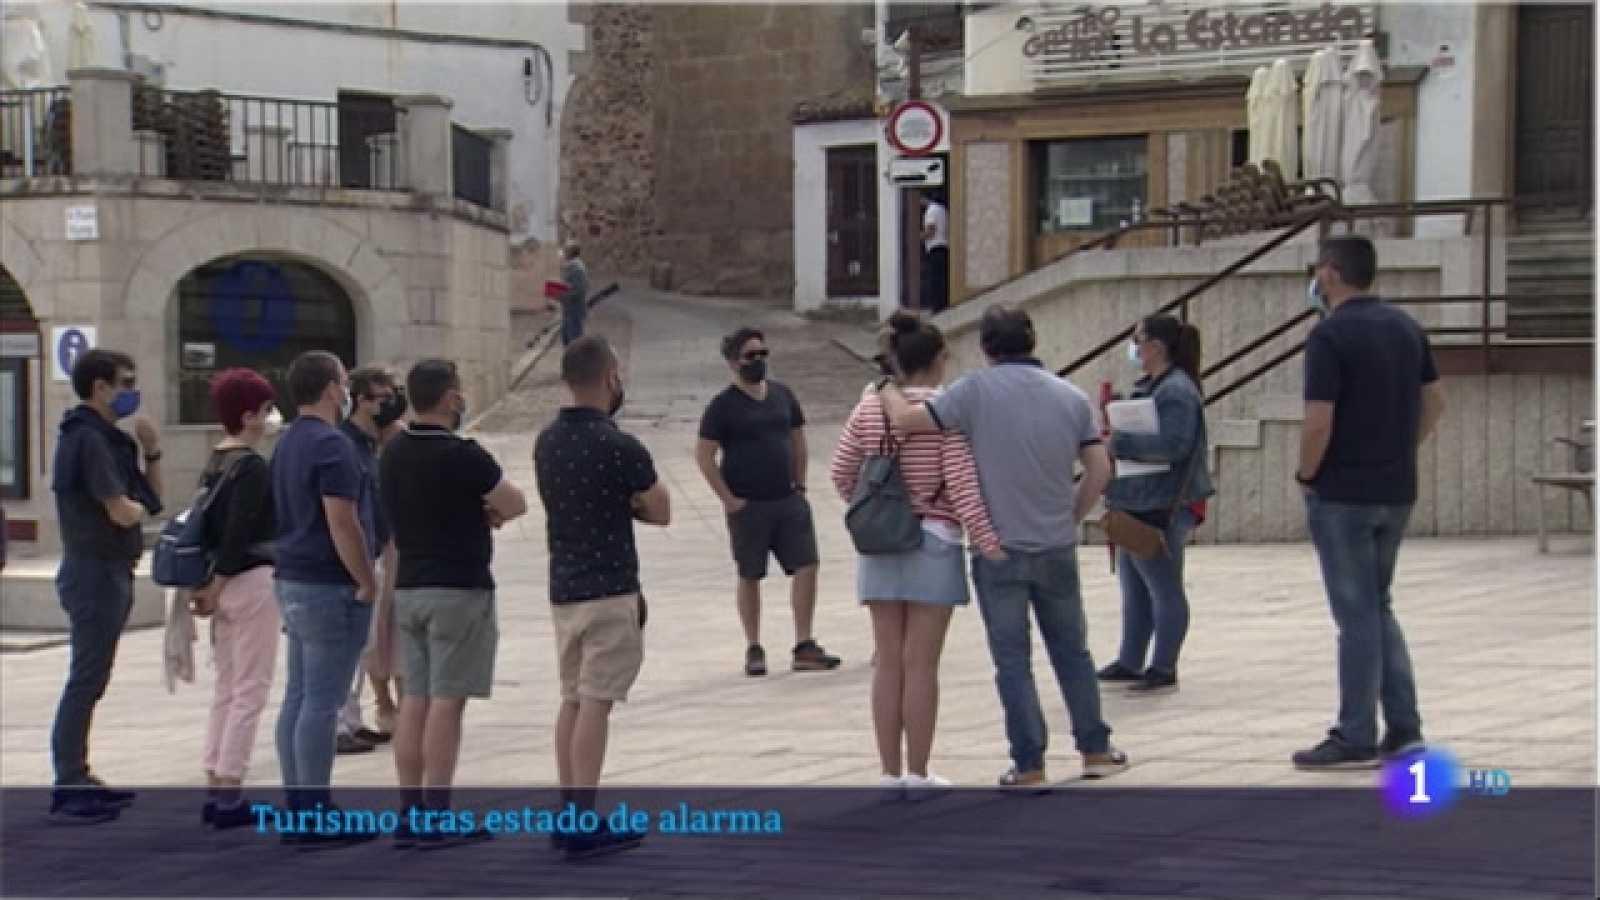 Respiro para el sector turístico tras el estado de alarma - 17/05/2021